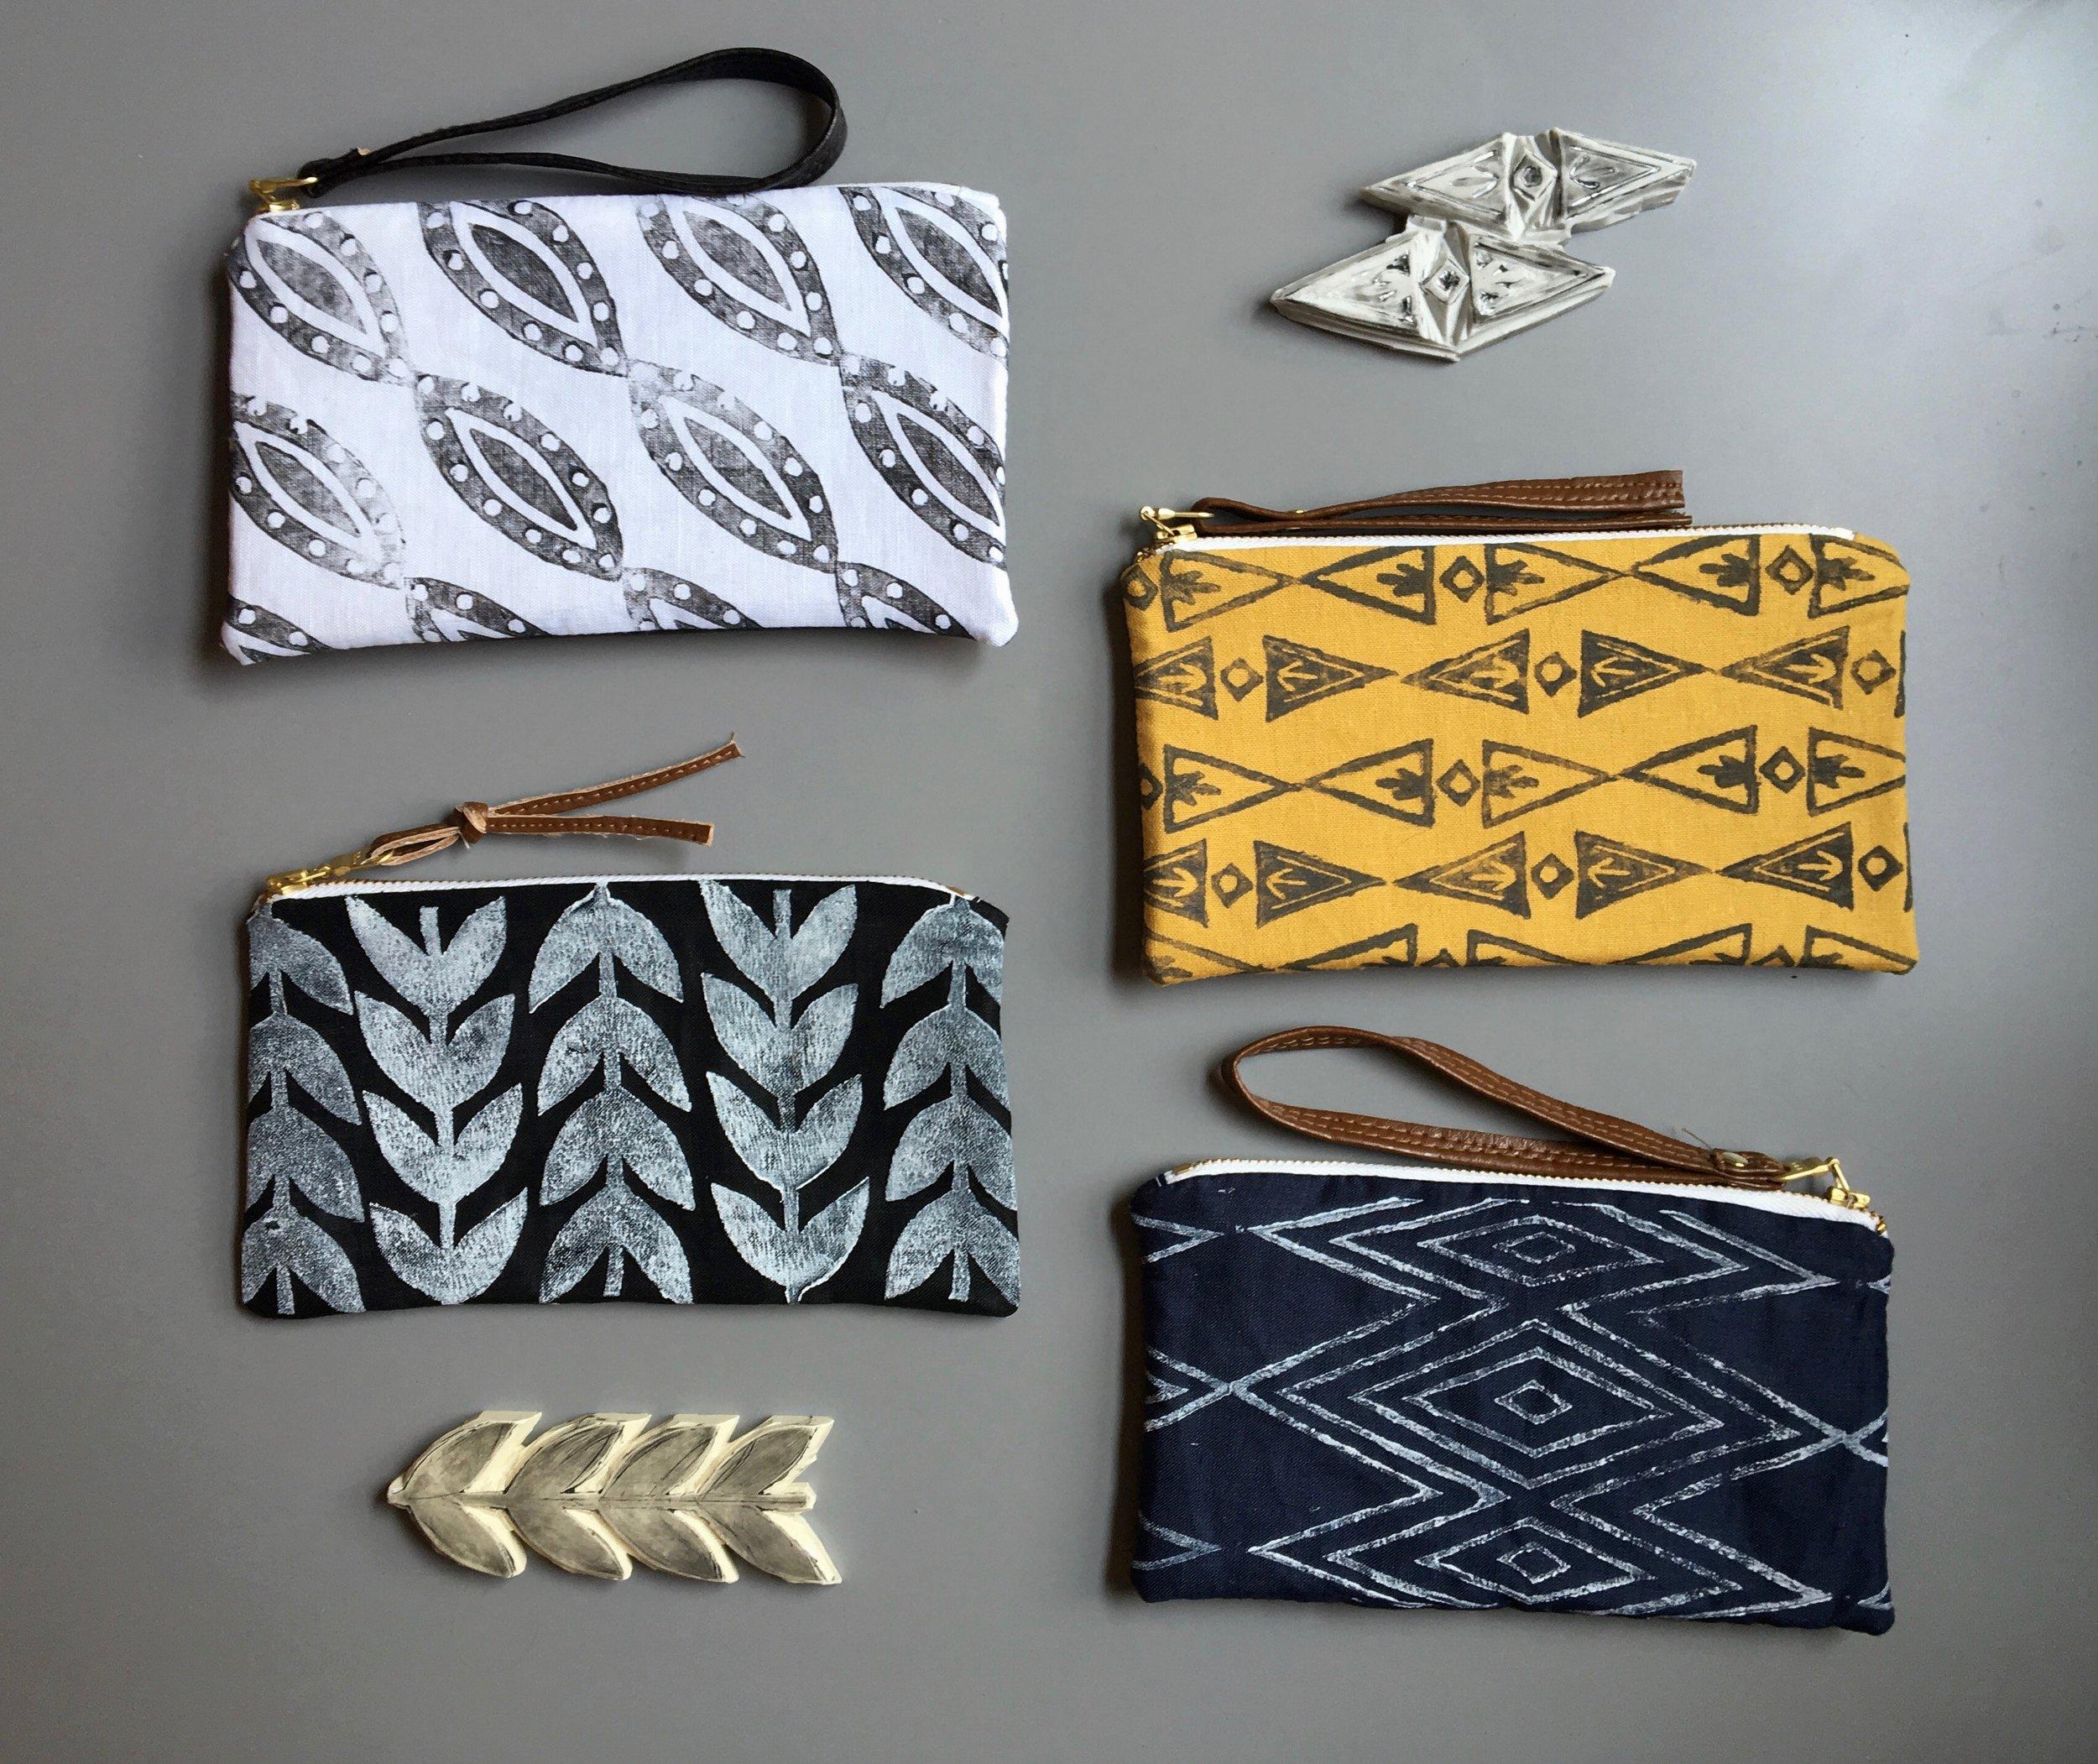 jenna aliyah - handprinted textiles saturday